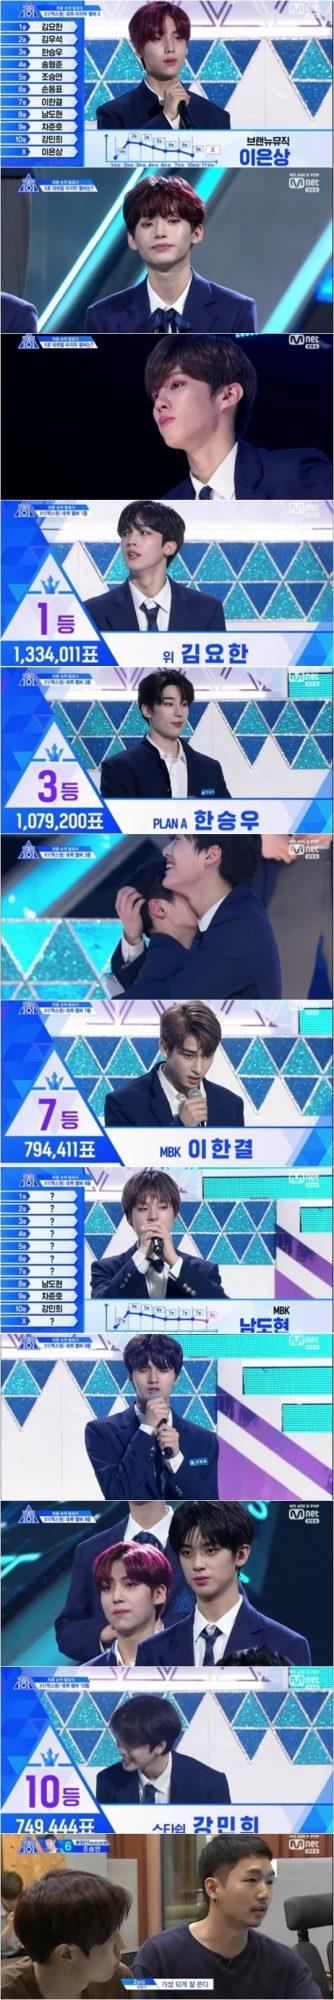 지난 19일 방영된 Mnet '프로듀스X101' 방송화면.